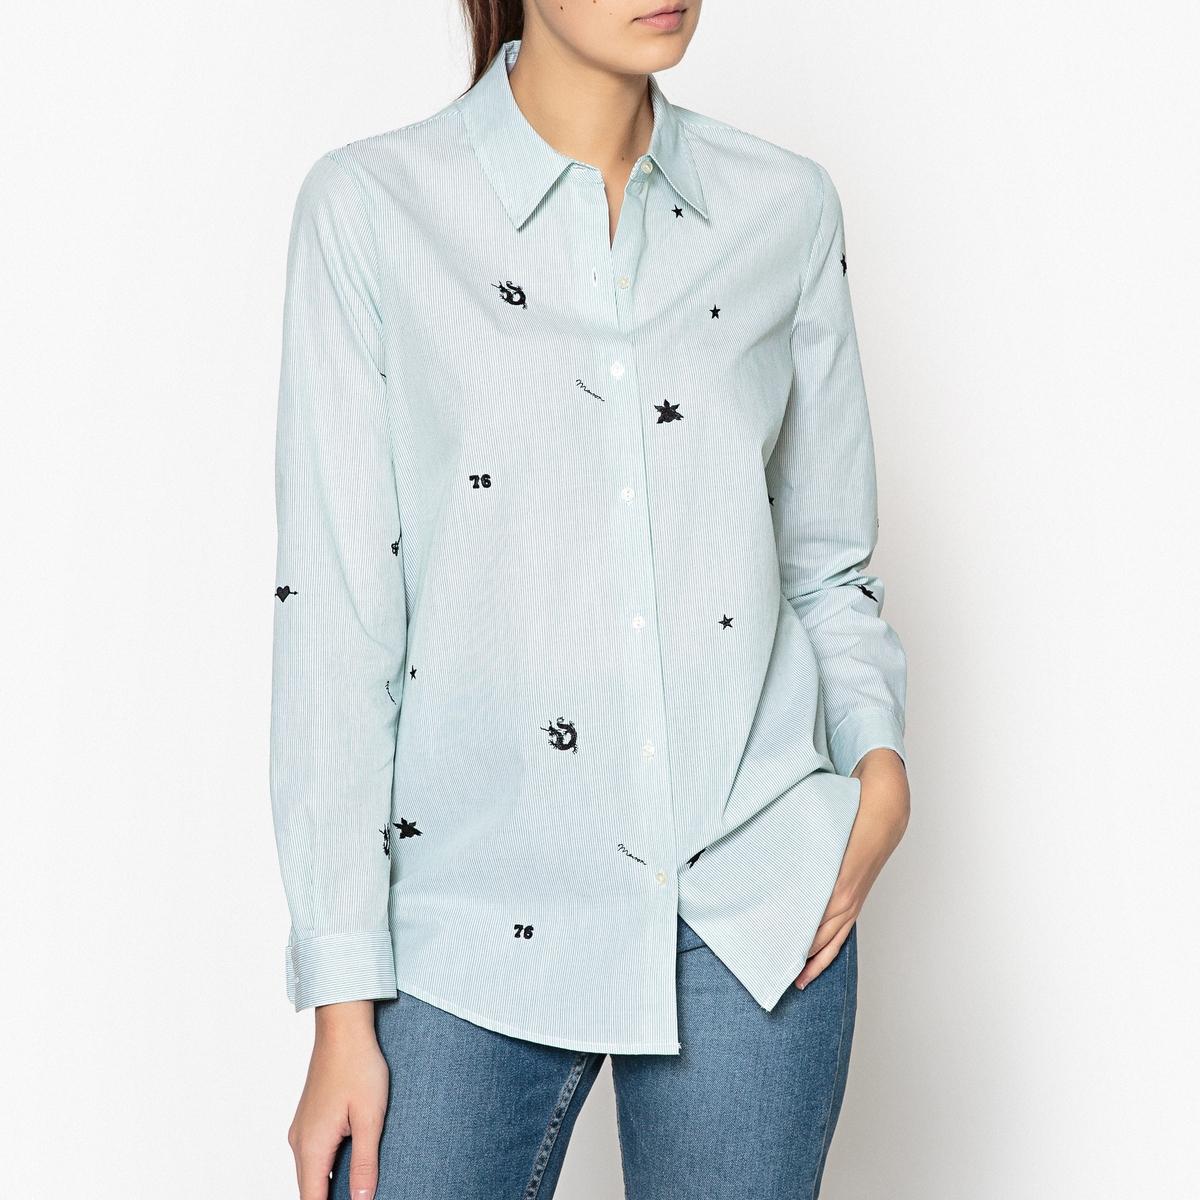 Рубашка с вышивкойРубашка с длинными рукавами  MAISON SCOTCH и оригинальной вышивкой. Закругленный спереди и сзади низ.Детали •  Длинные рукава •  Прямой покрой •  Воротник-поло, рубашечныйСостав и уход •  100% хлопок •  Следуйте советам по уходу, указанным на этикетке •  Вставка с пуговицами спереди и манжеты на пуговицах<br><br>Цвет: зеленый,синий